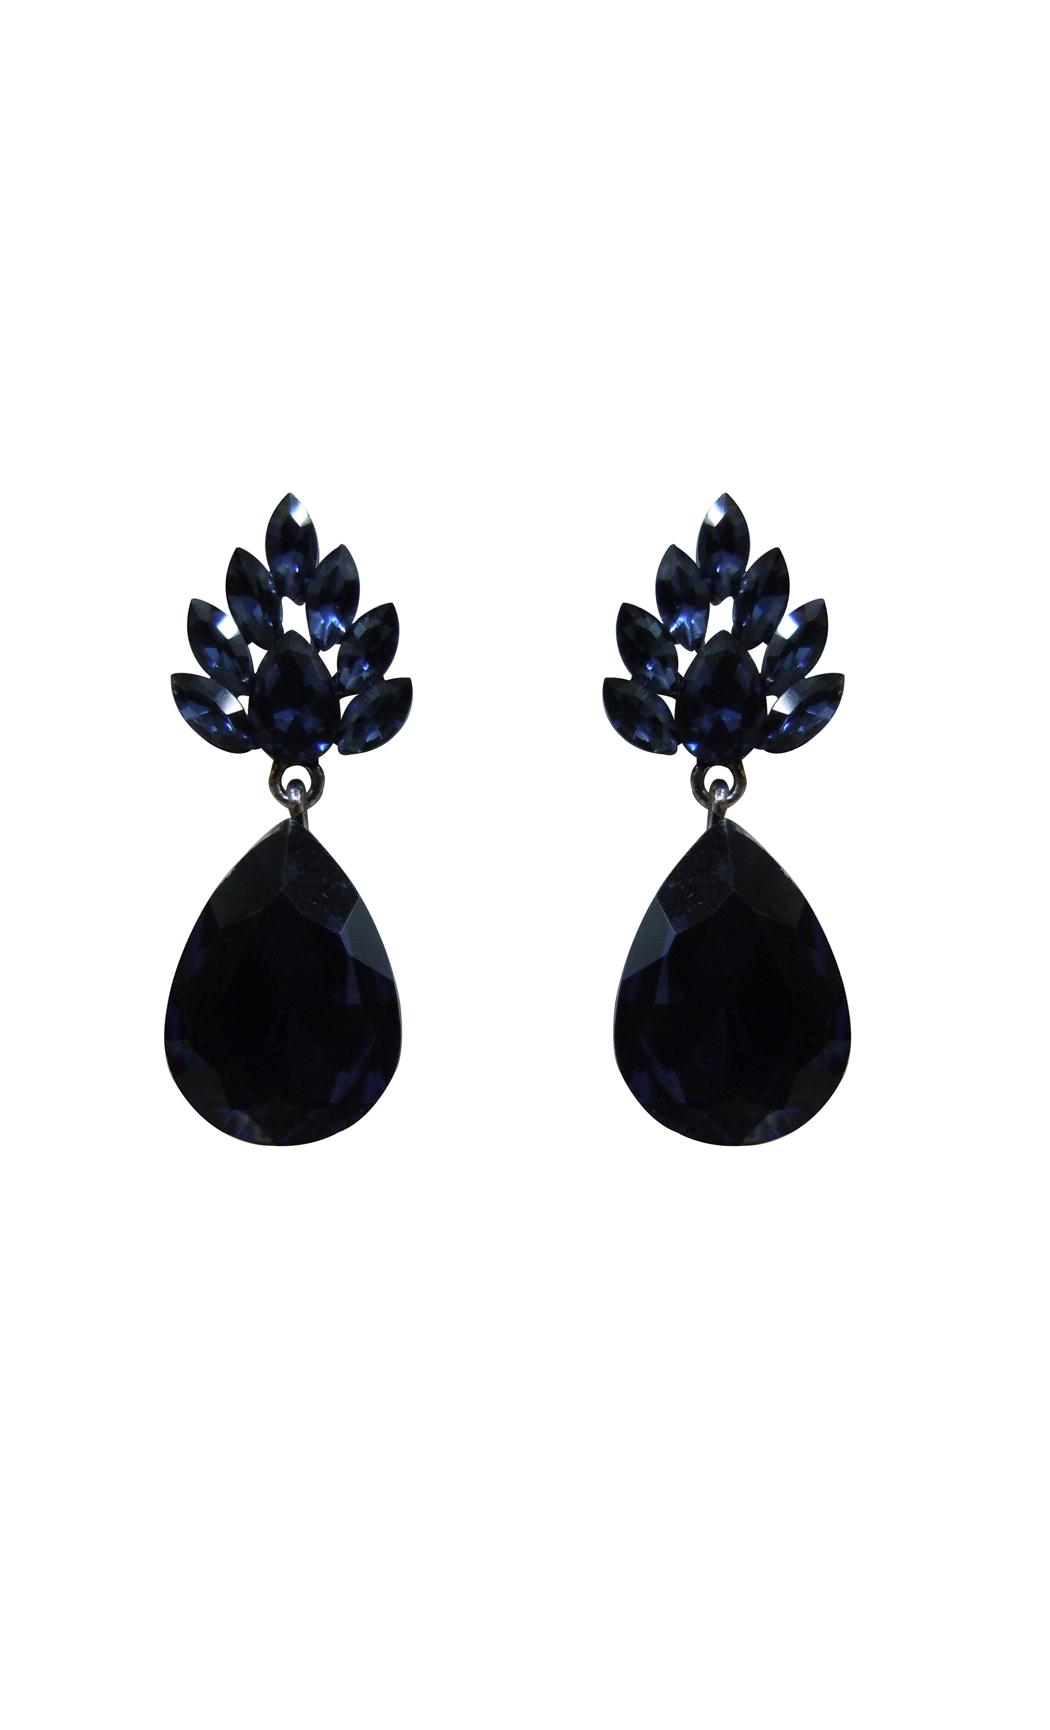 Emerald Drop Cut Earrings - Shop Online